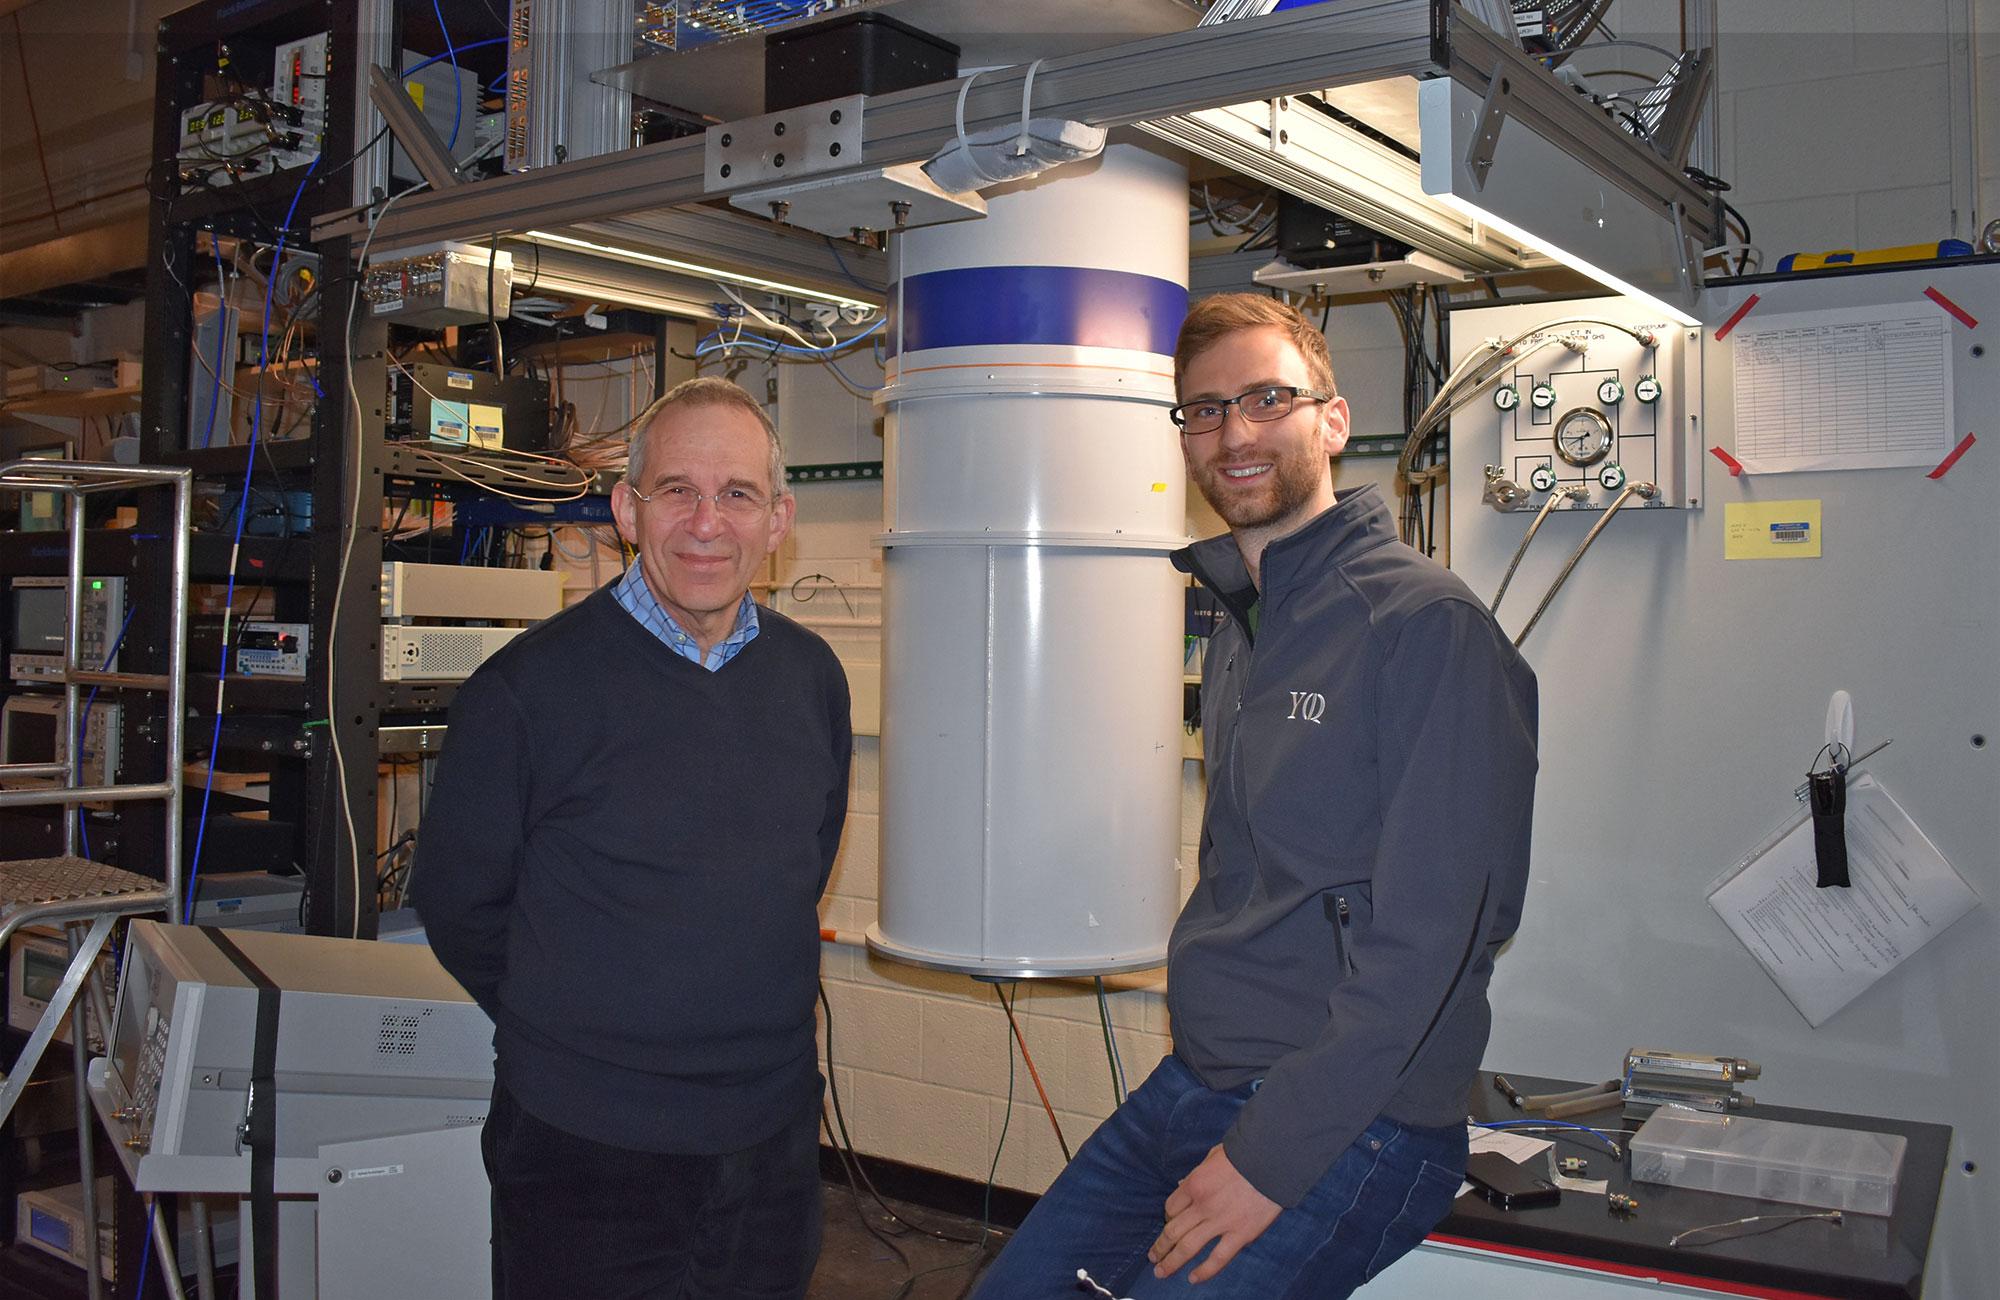 Los protagonistas de esta investigación: Michel Devoret (izquierda) y Zlatko Minev en el laboratorio donde desarrollaron su experimento. Foto: Yale Quantum Institute.